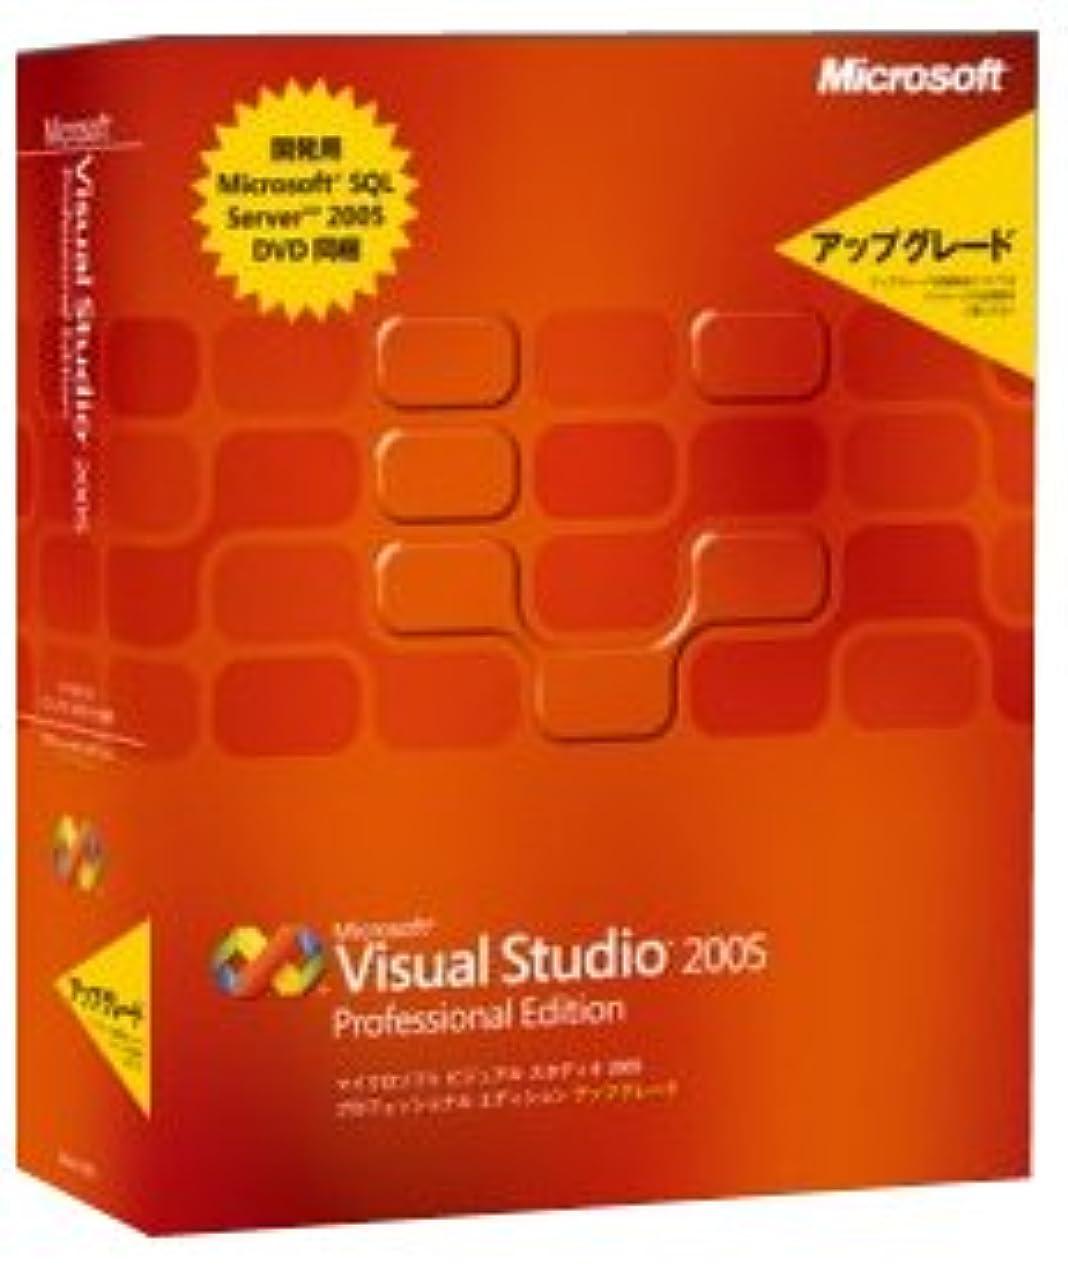 偏差ダース荒れ地Visual Studio 2005 Professional Edition アップグレード